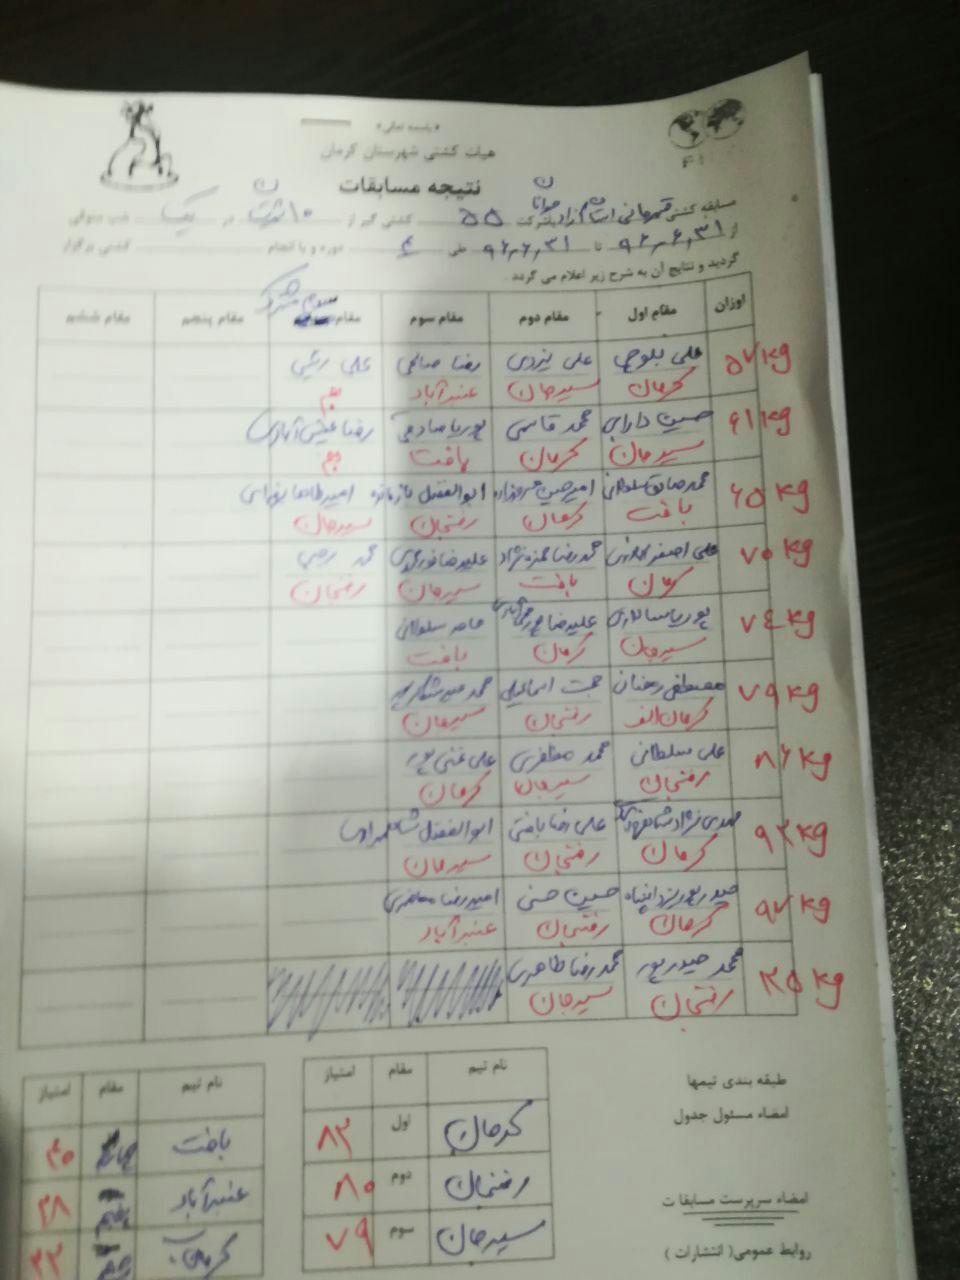 کرمان برسکوی نخست رقابت های کشتی آزاد قهرمانی جوانان استان